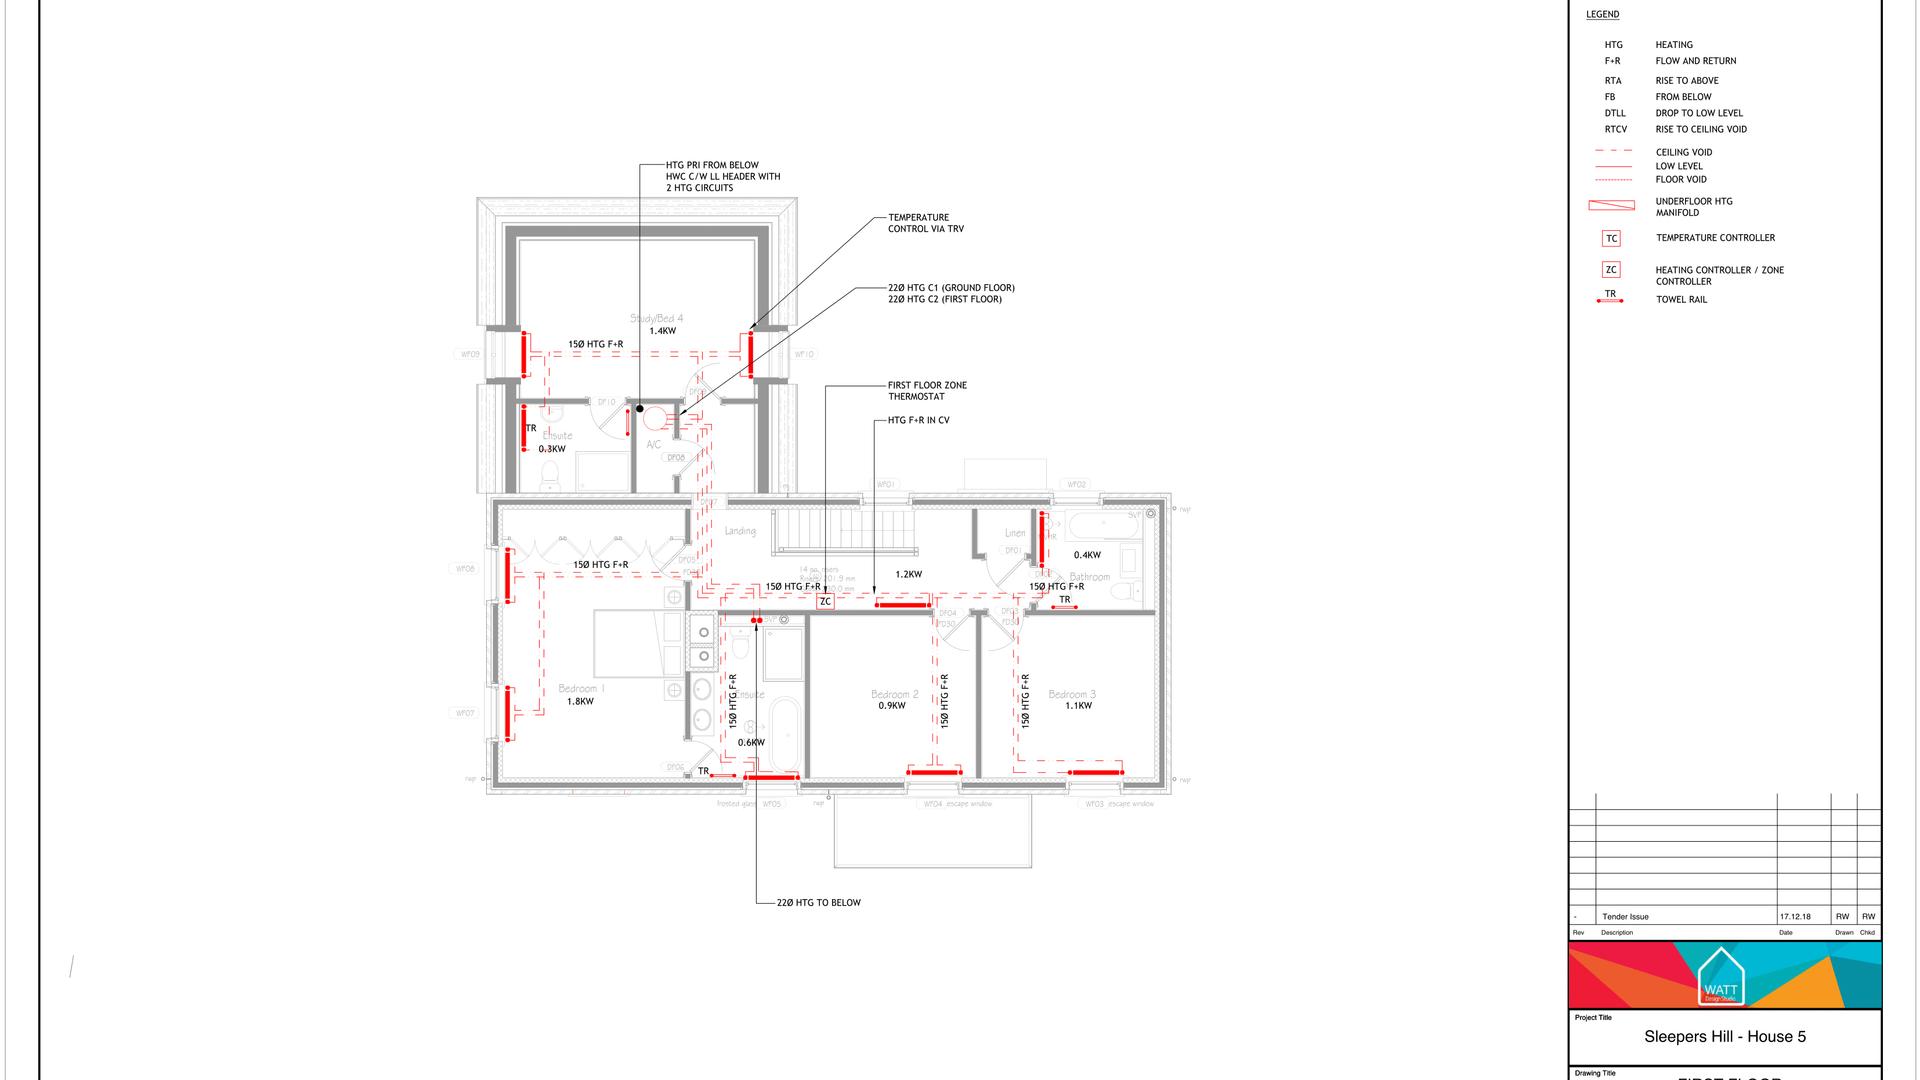 H V00 - Sleepers Hill - House 5 - Heatin